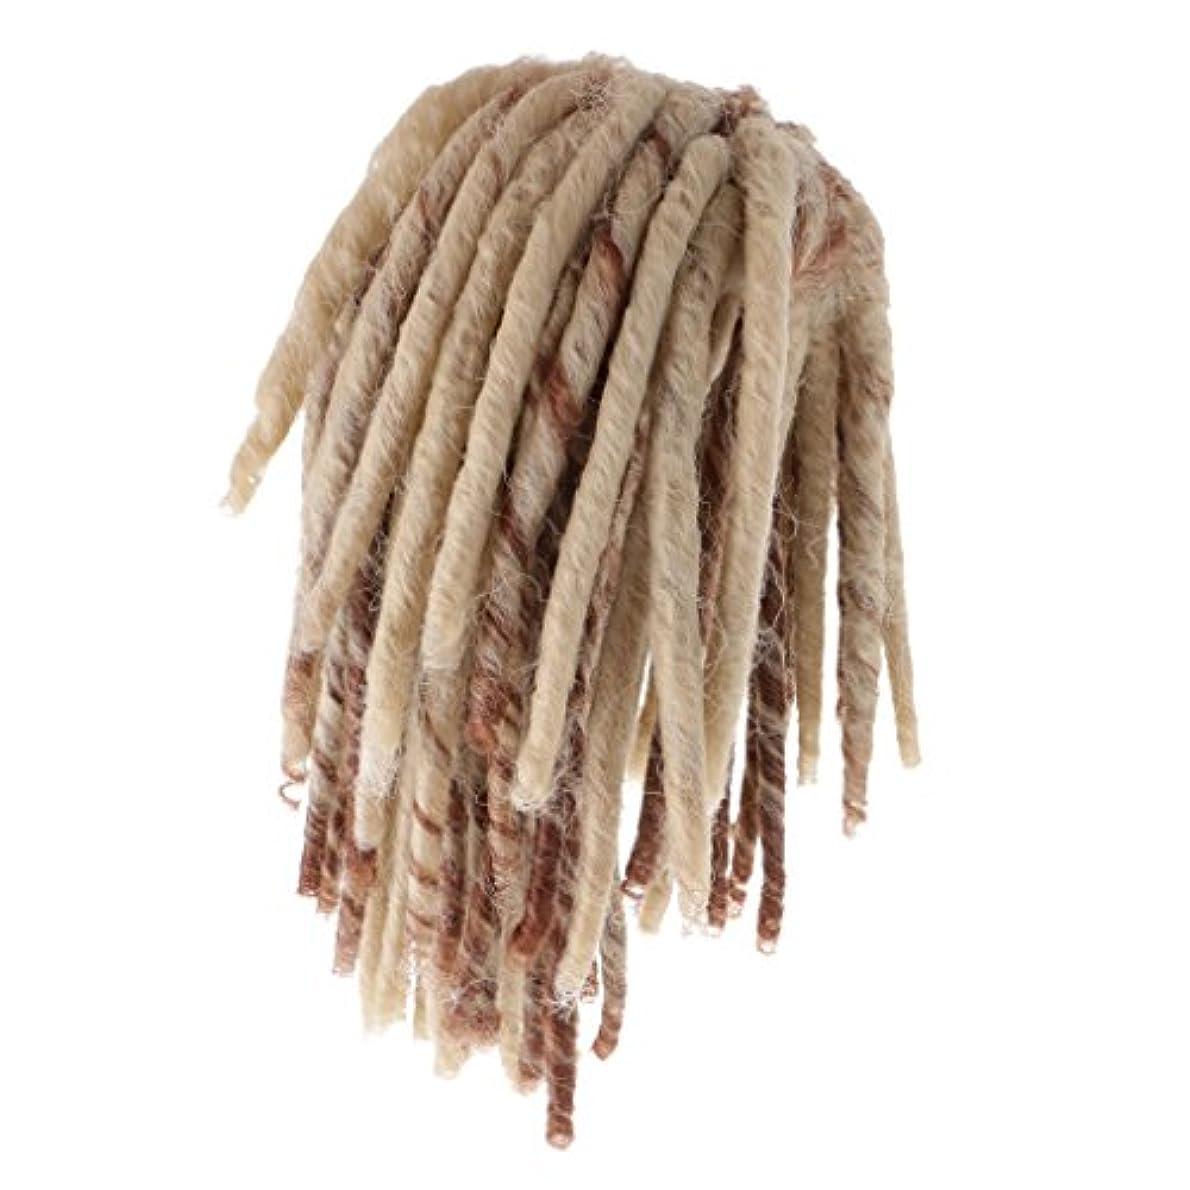 マーティンルーサーキングジュニア署名基礎理論Dovewill 人形用ウィッグ  ドレッドかつら  カーリー かつら  髪 ヘア 18インチドール用  DIY修理用品  全2色  - ブラウン